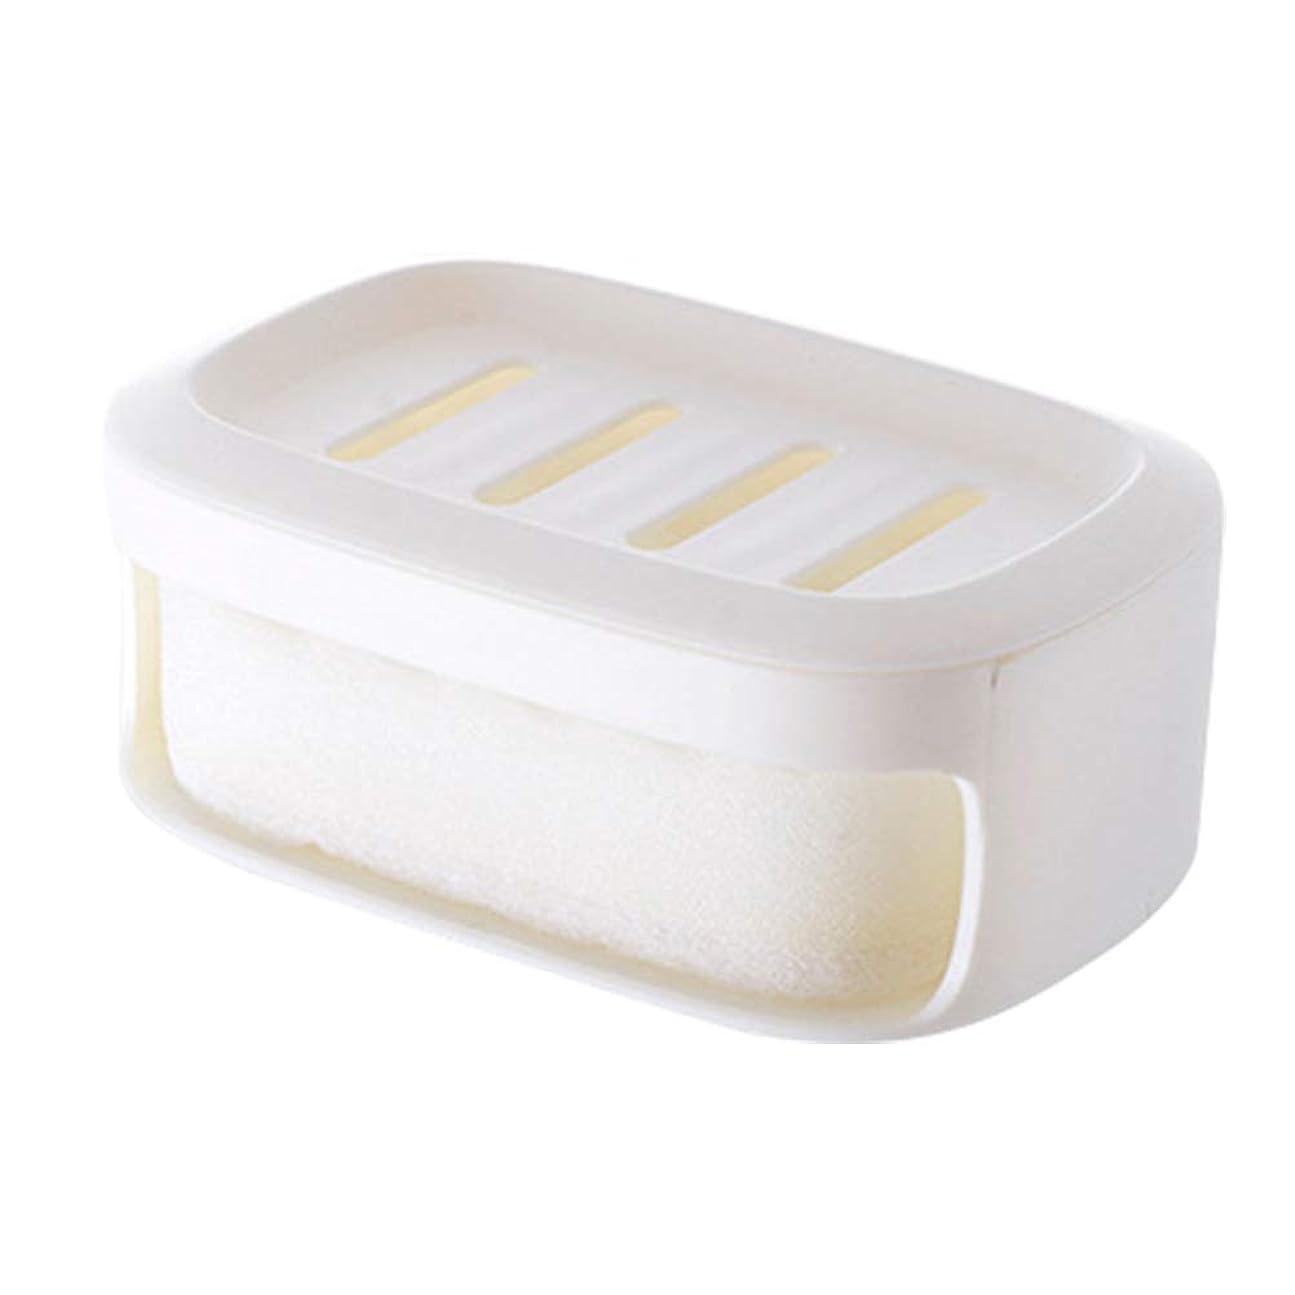 不愉快にカスタム化学薬品Healifty ソープボックス二重層防水シールソープコンテナバスルームソープ収納ケース(ホワイト)